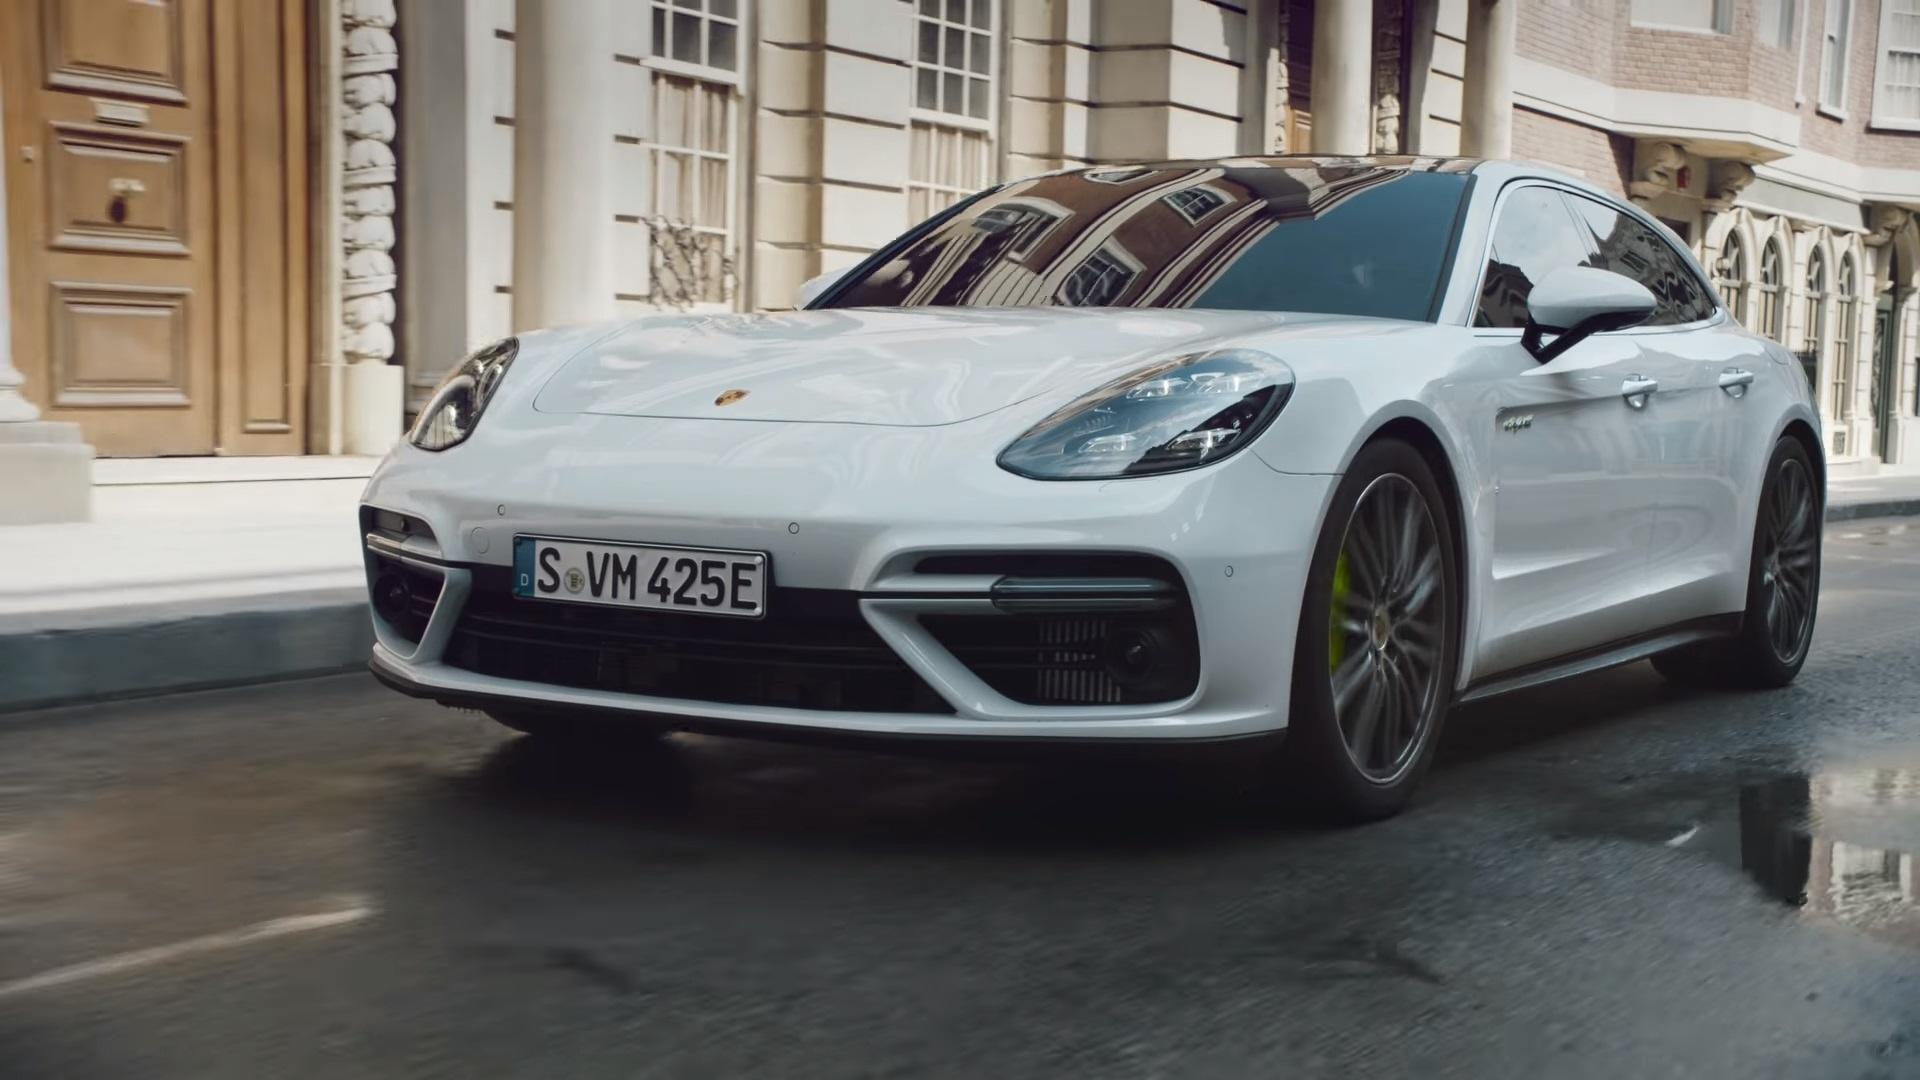 2017 Acura Nsx For Sale >> Porsche Panamera Turbo S E-Hybrid News and Reviews | Motor1.com